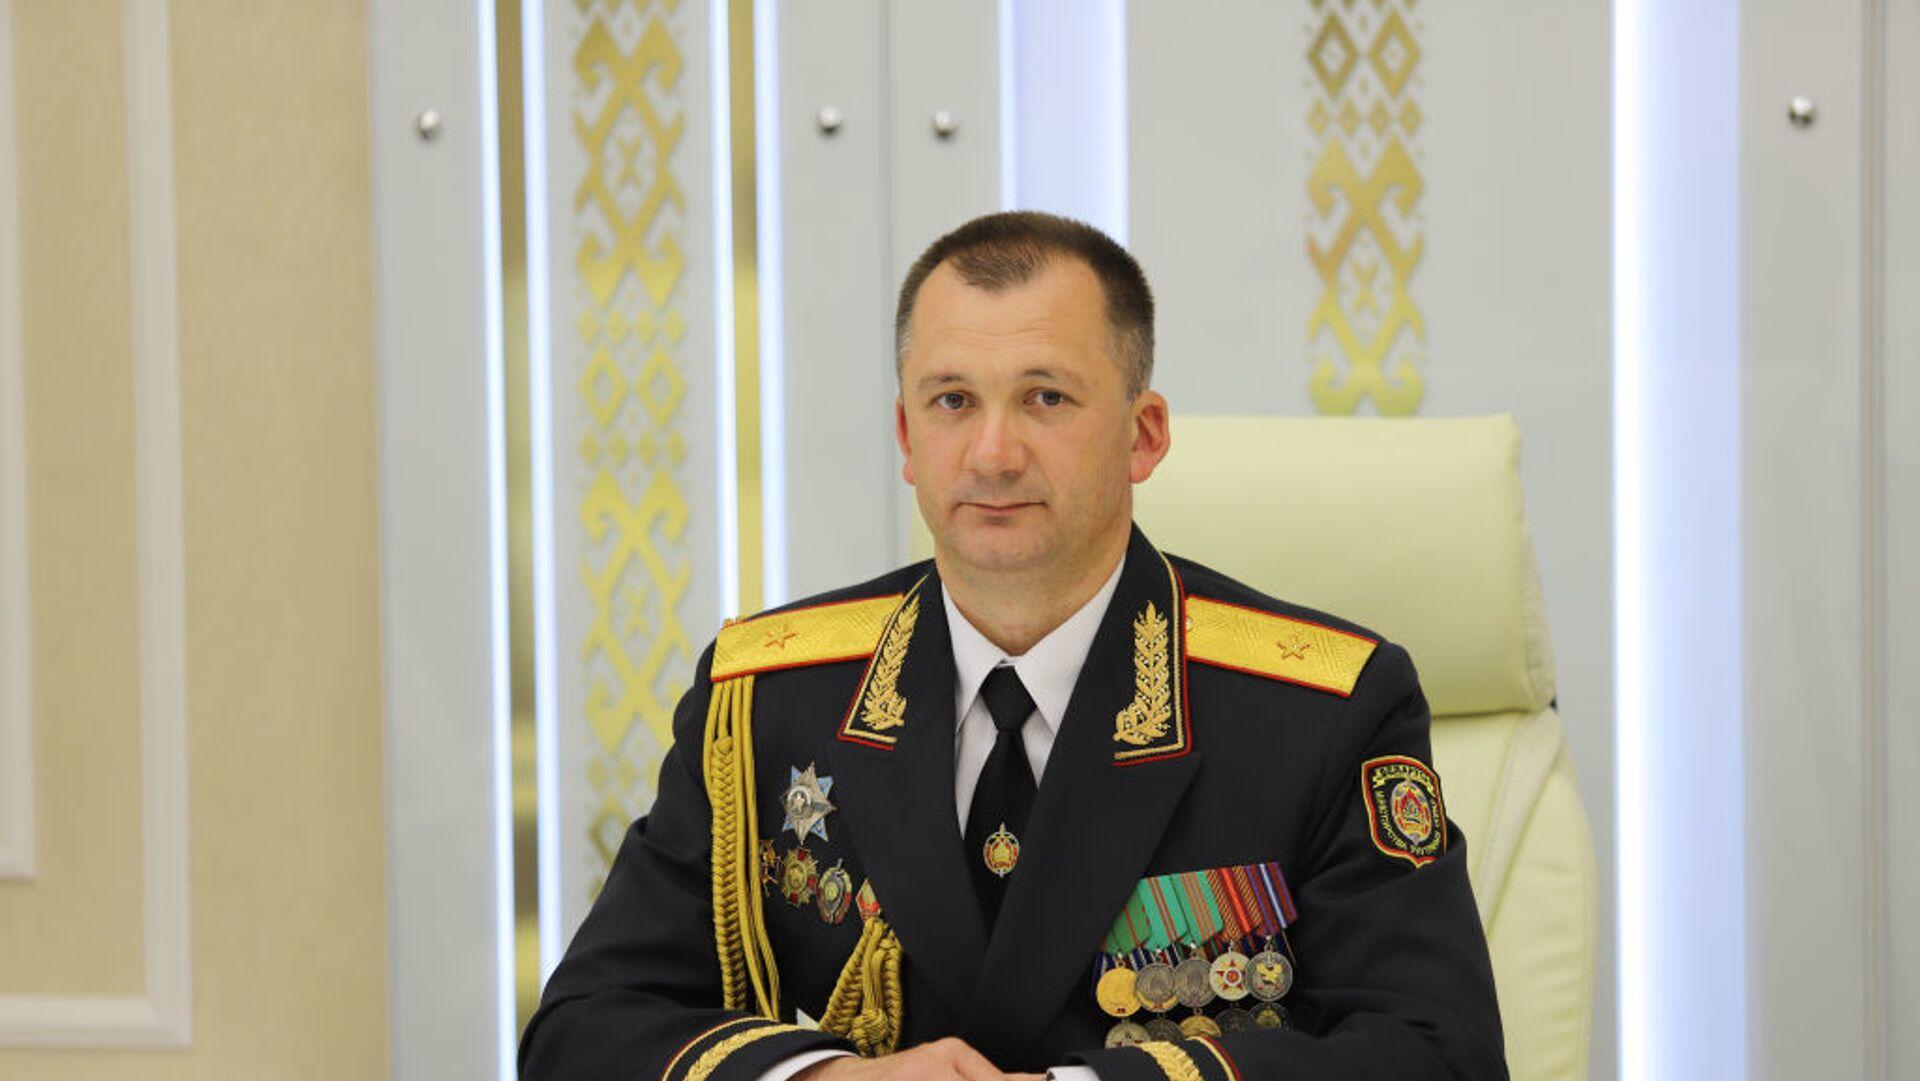 Министр внутренних дел Беларуси Иван Кубраков - Sputnik Беларусь, 1920, 04.10.2021